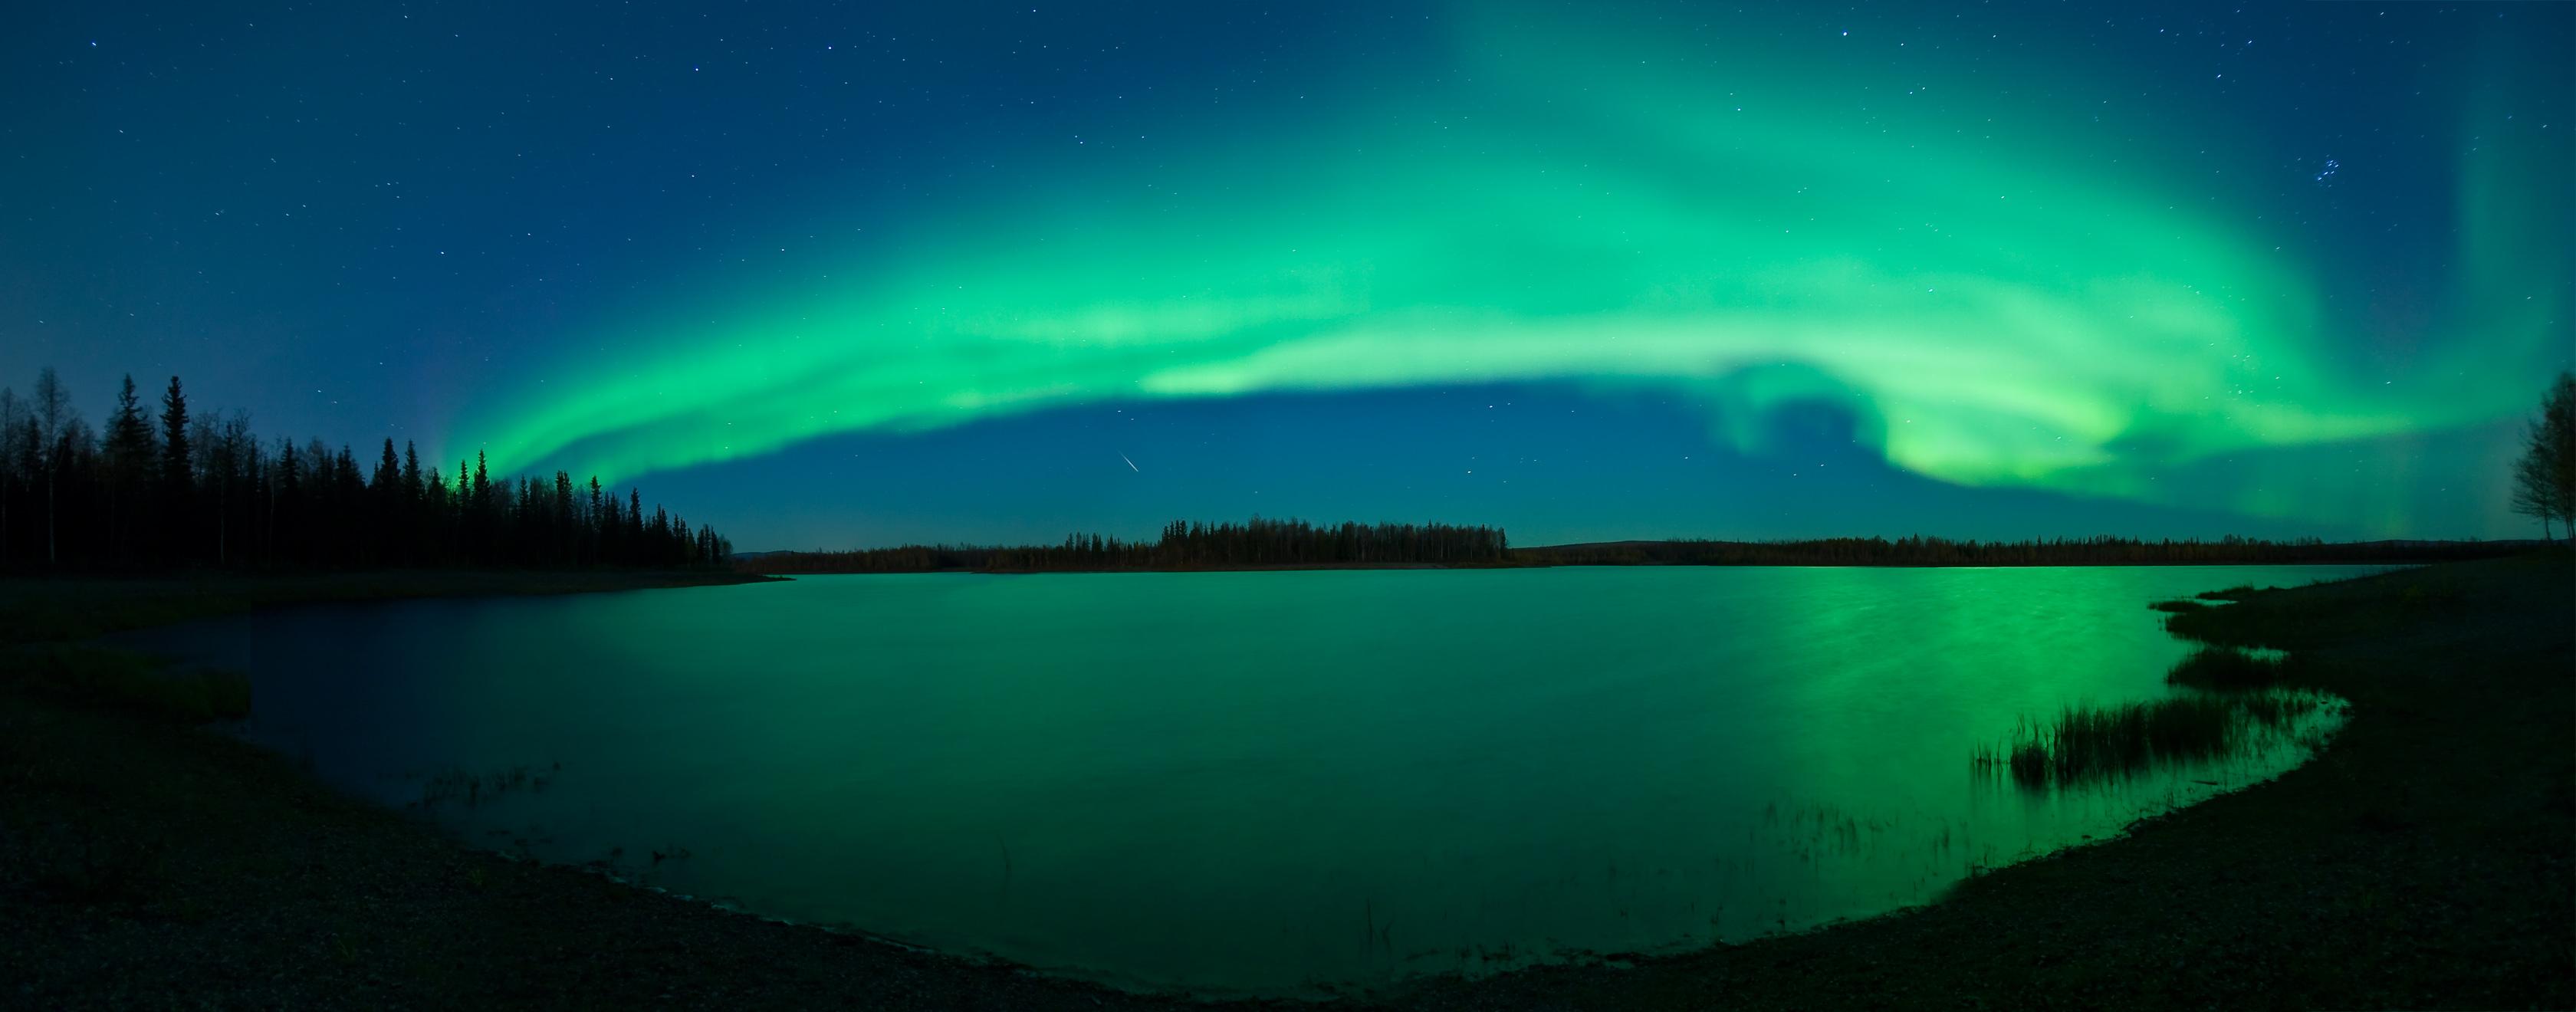 alaska night wallpaper - photo #33